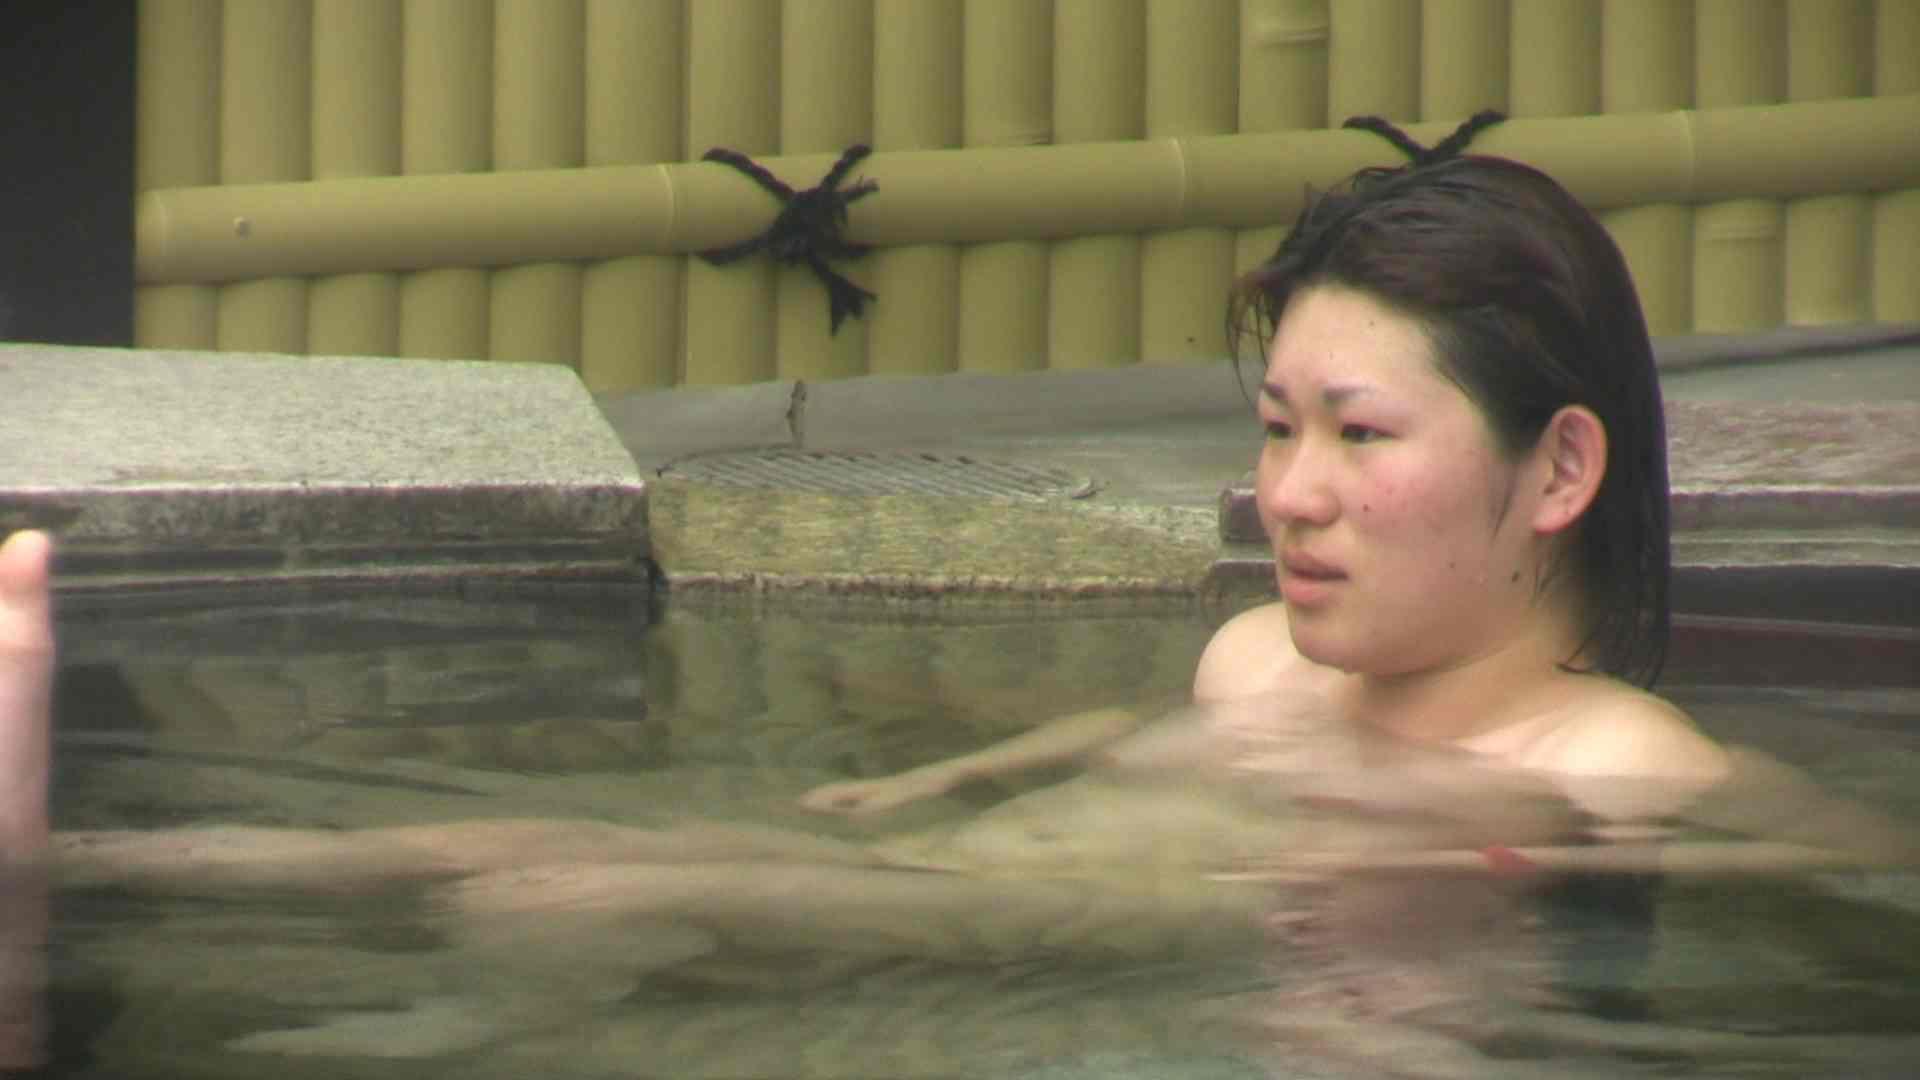 Aquaな露天風呂Vol.673 美しいOLの裸体   盗撮師作品  99pic 70